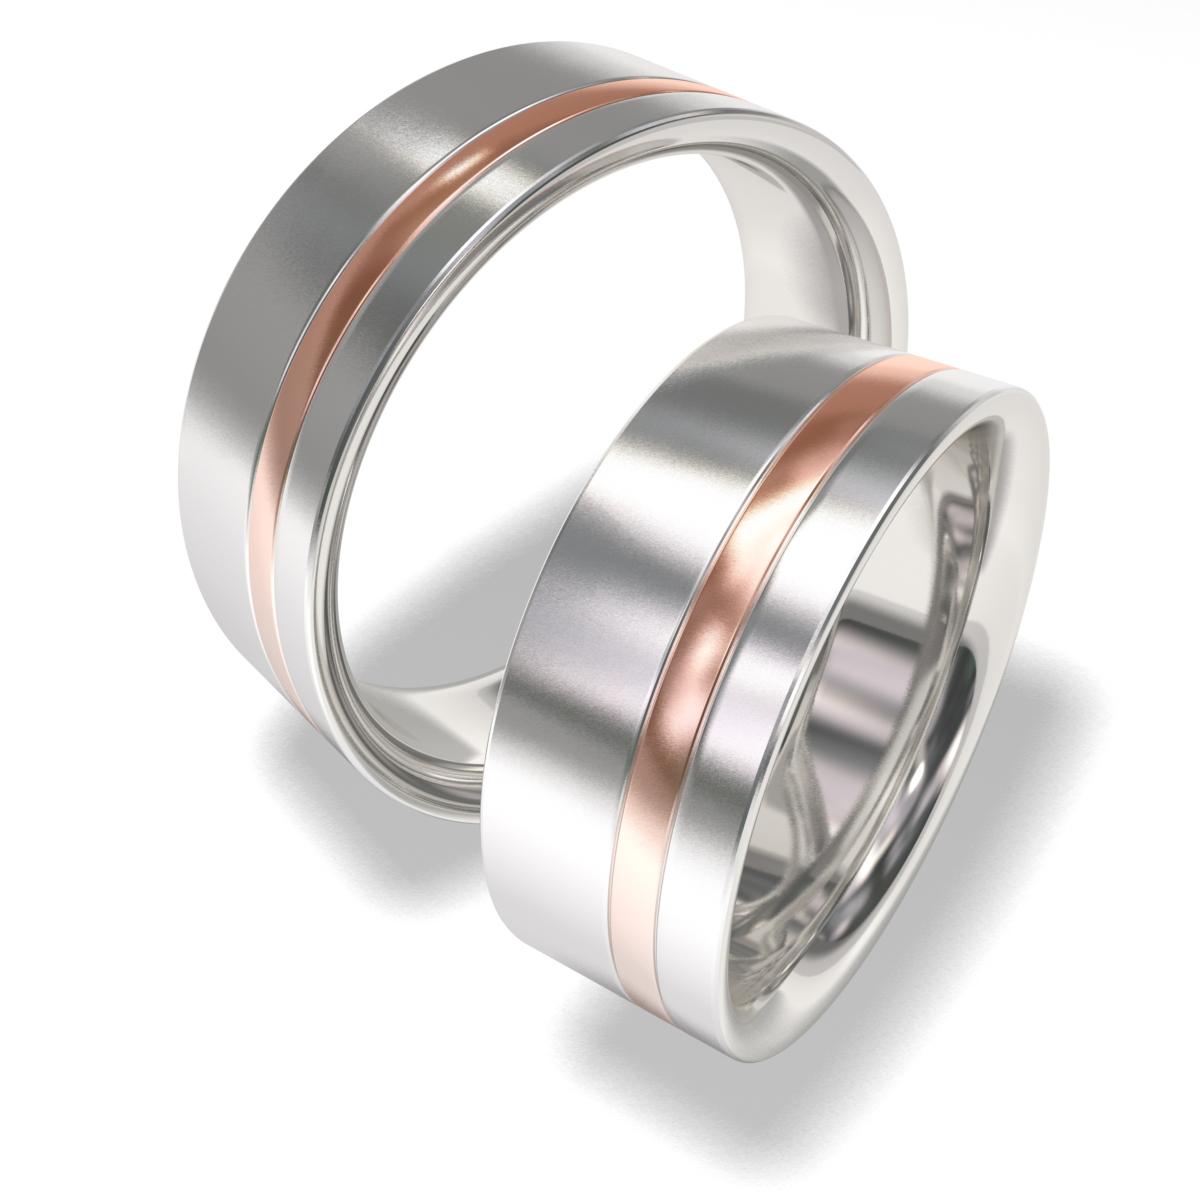 Luxusní Ocelové snubní prsteny 7090 (Luxusní Ocelové snubní prsteny 7090)